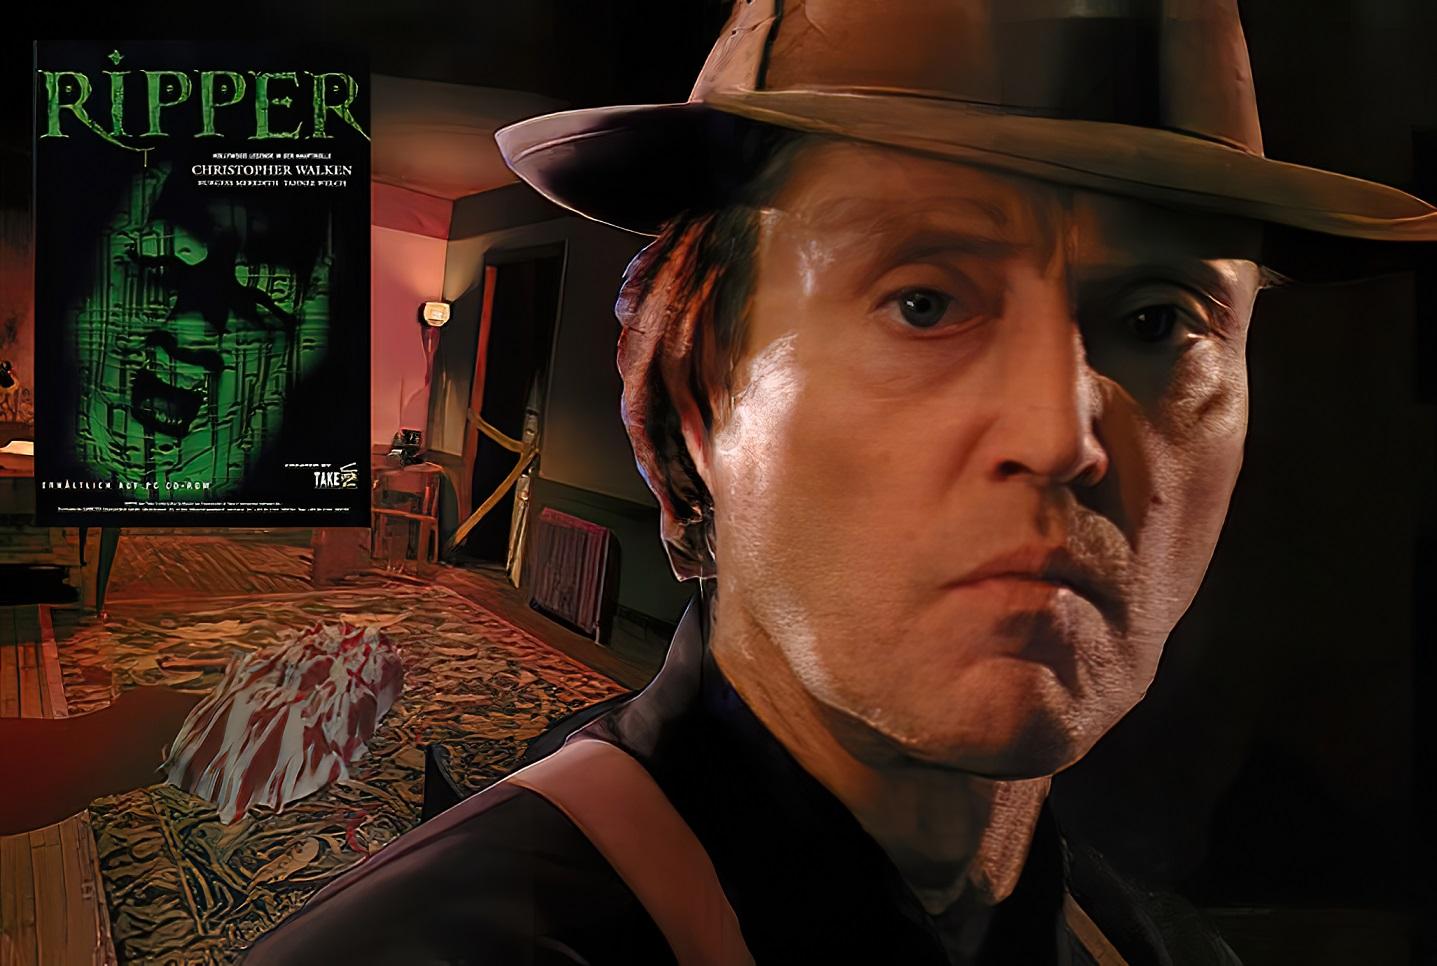 The Ripper FMV